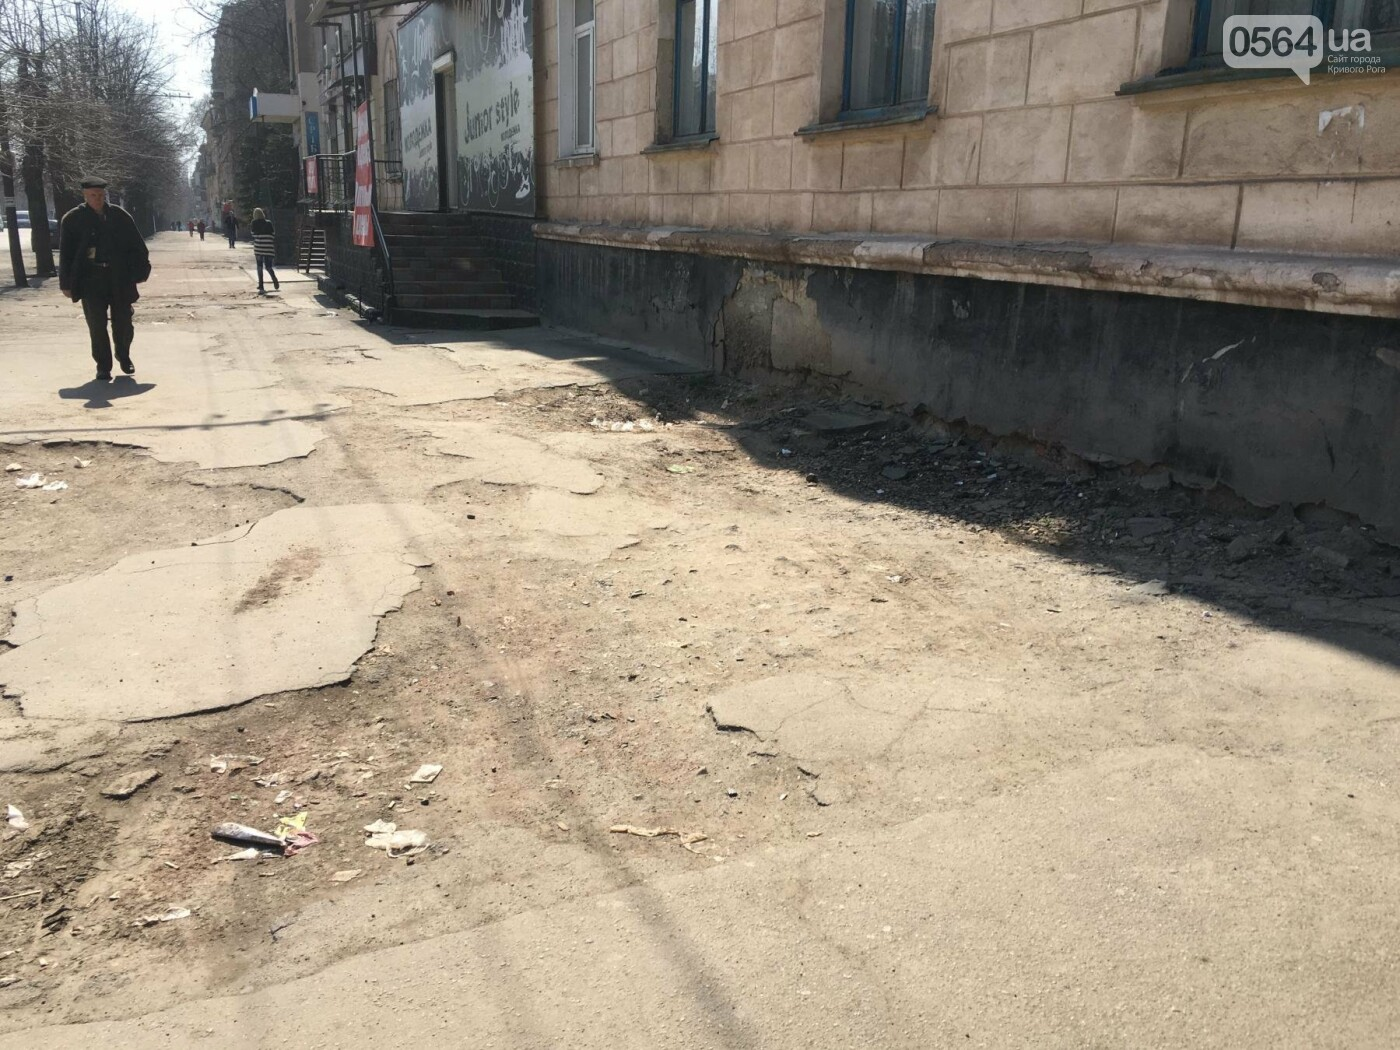 Криворожская правозащитница потребовала отремонтировать остановку так же быстро, как и дорожки перед райисполкомом (ФОТО), фото-8